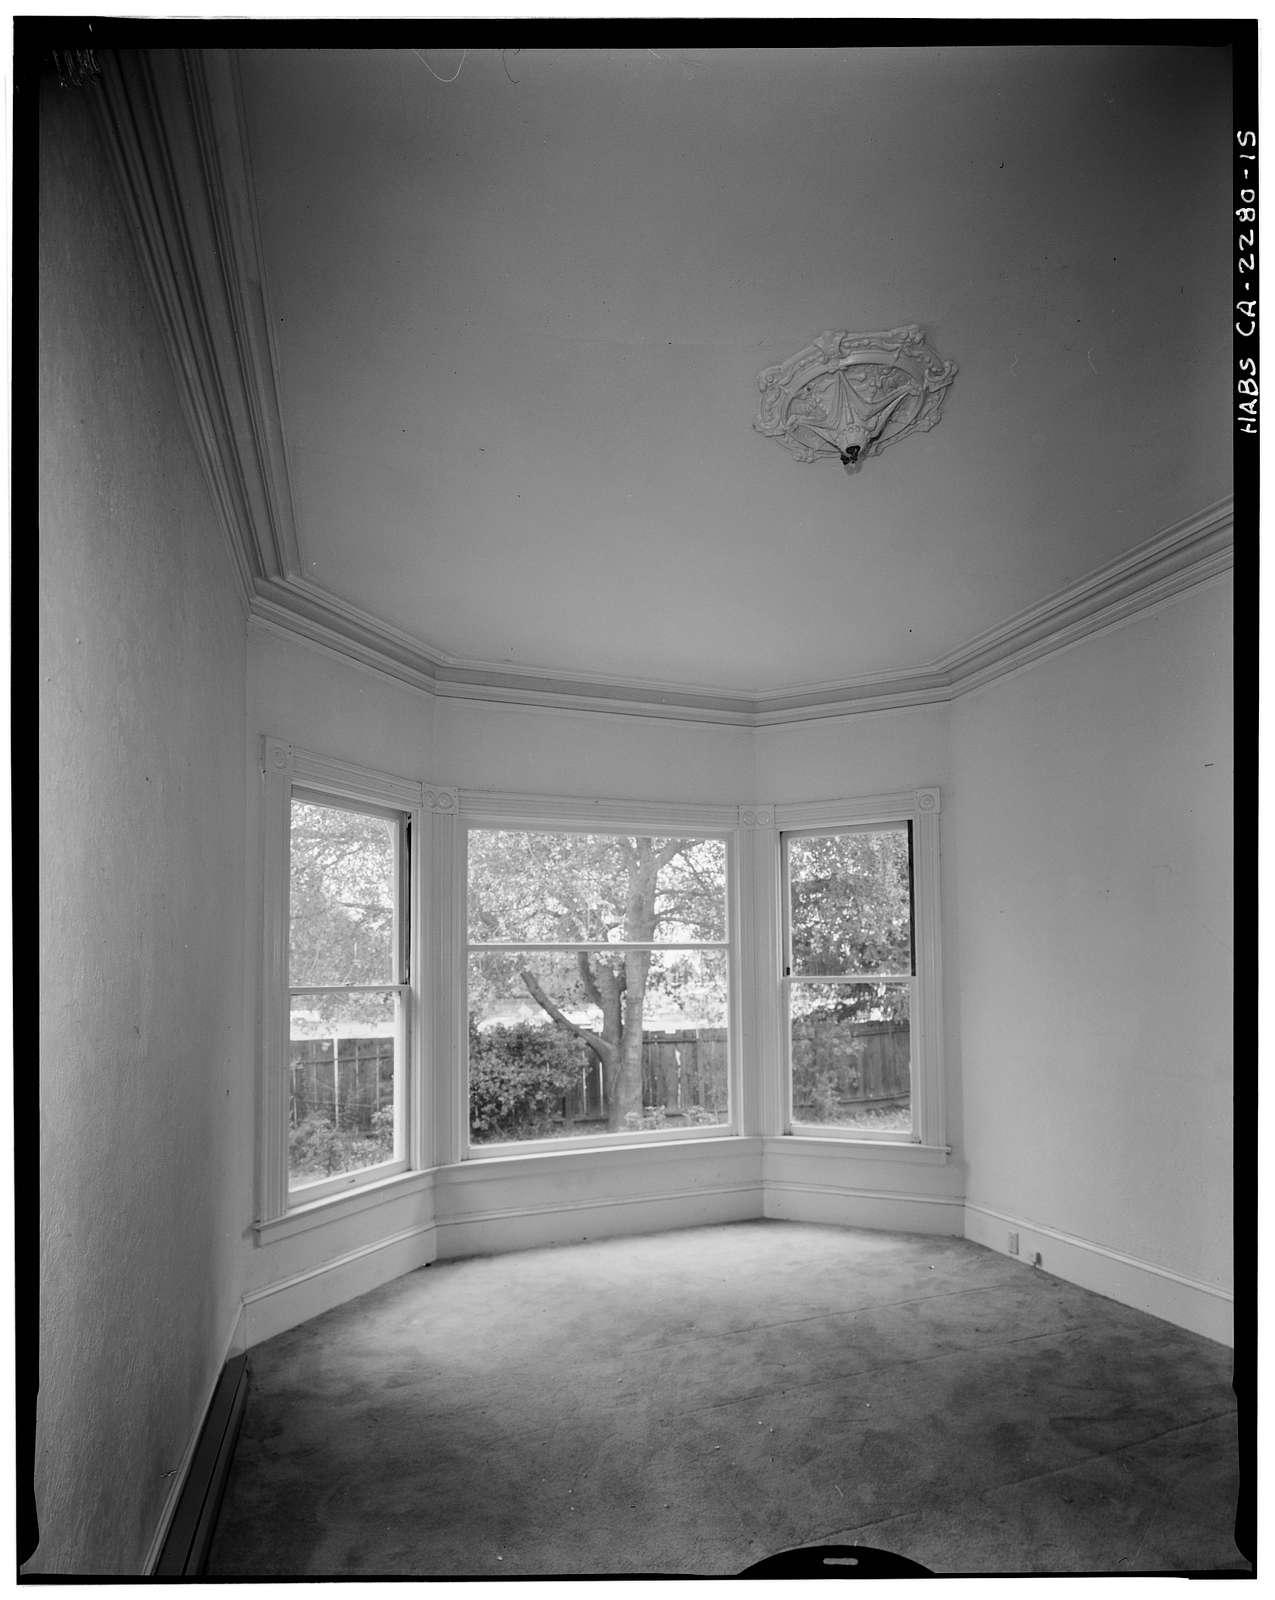 Warner Hutton House, 13495 Sousa Lane, Saratoga, Santa Clara County, CA